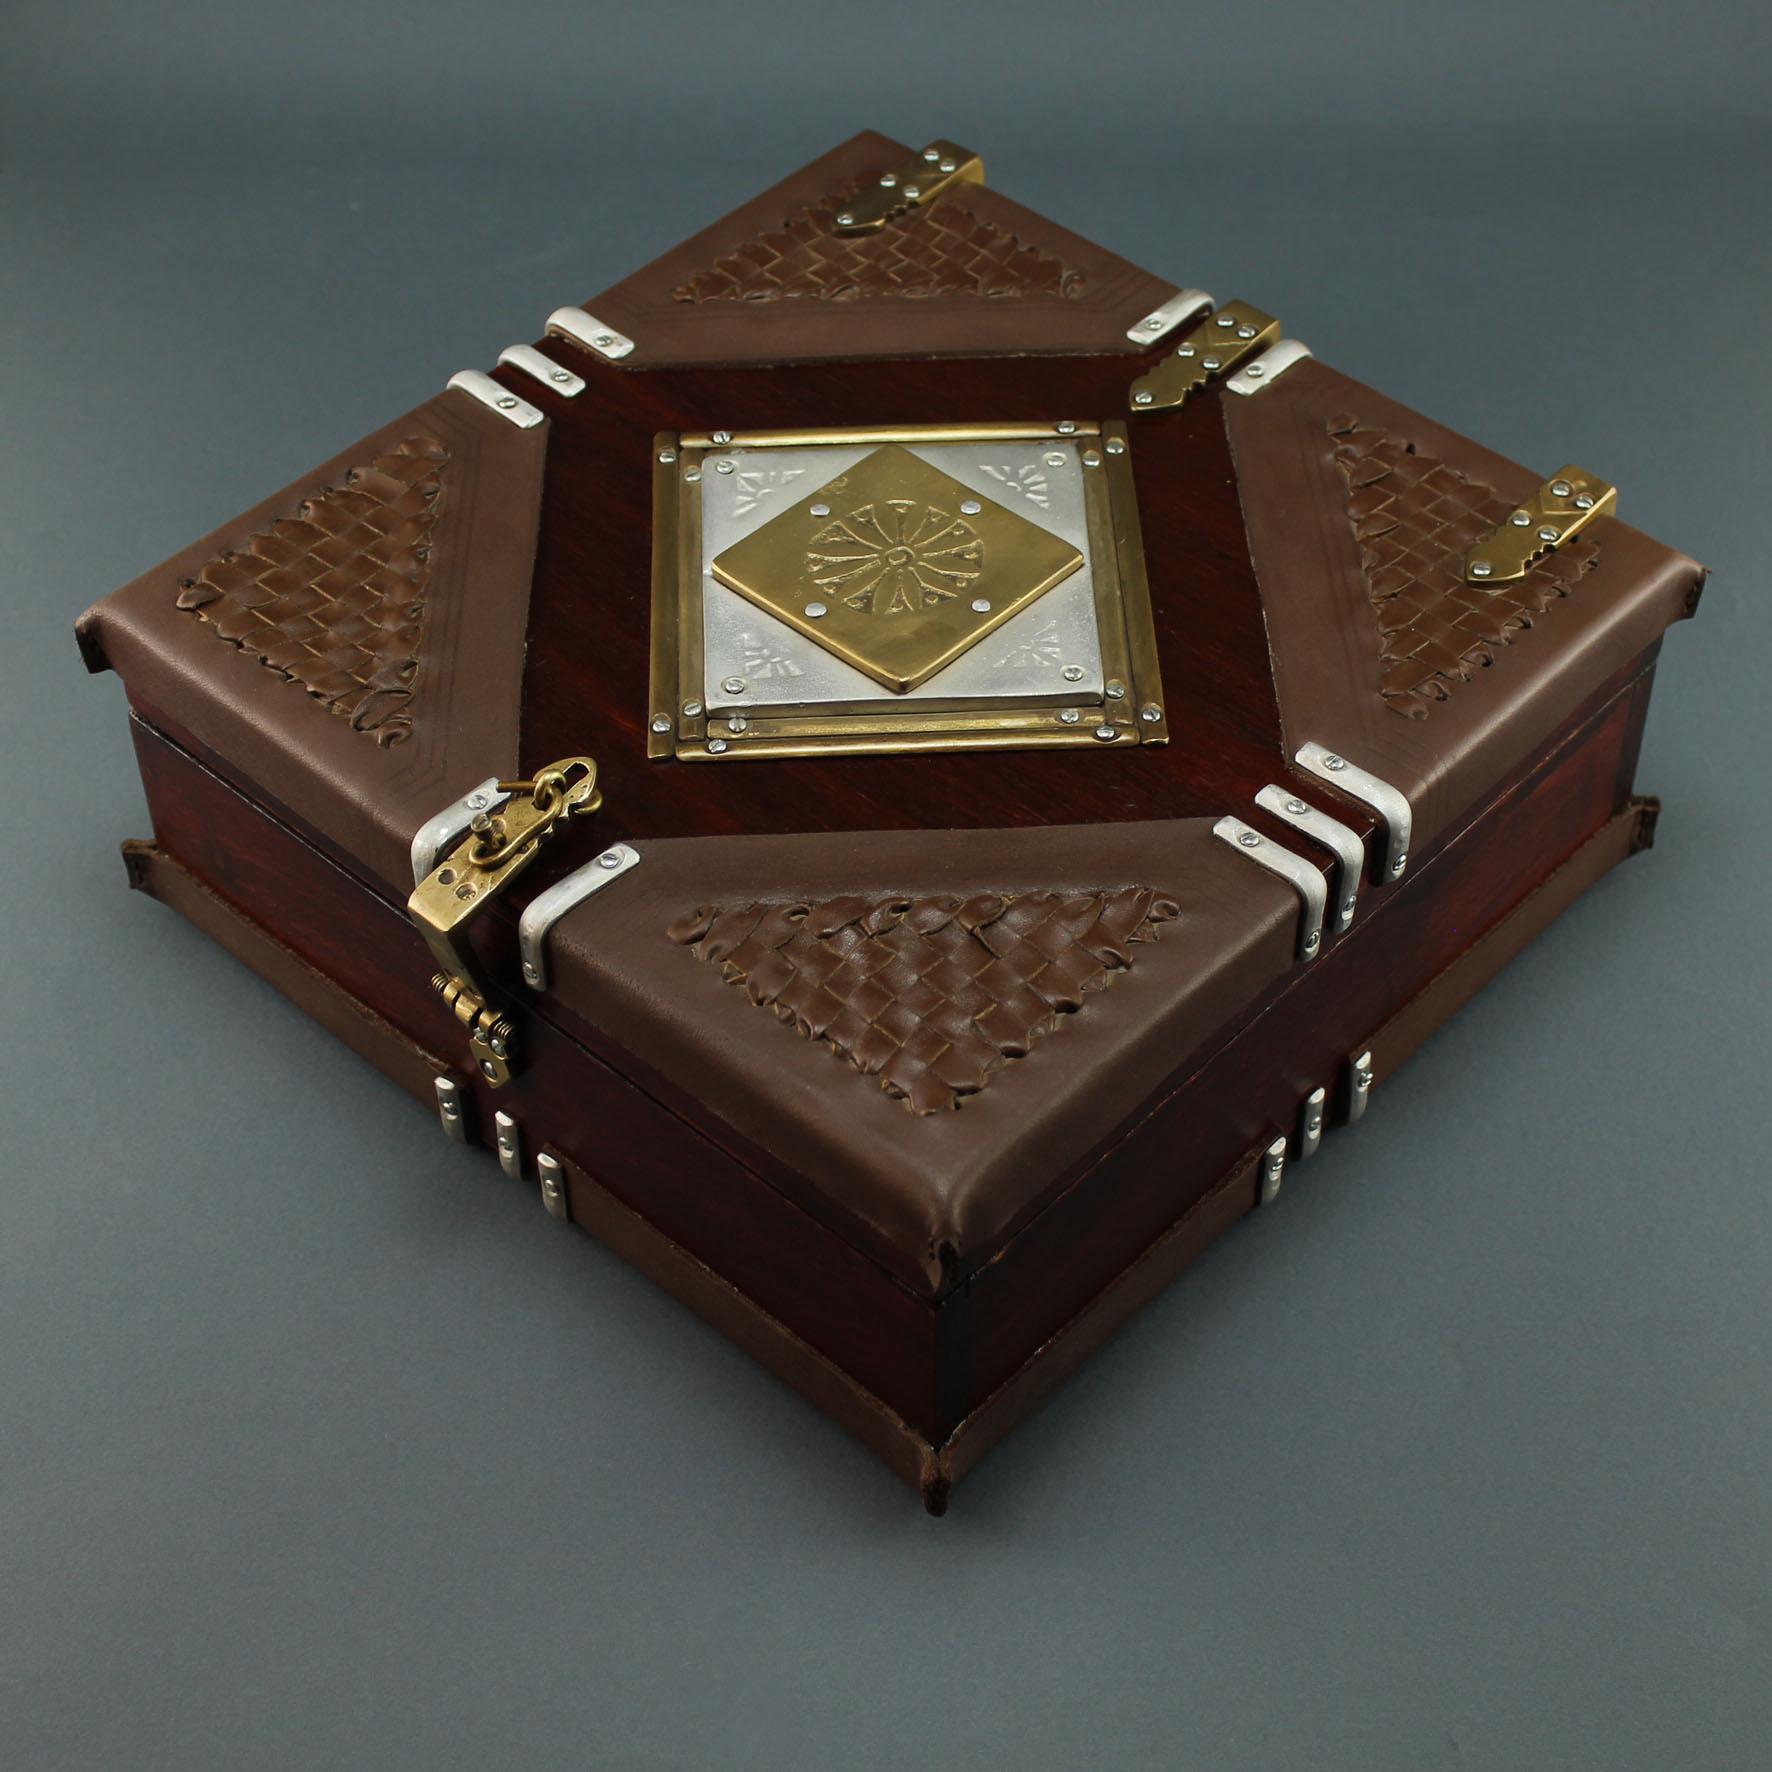 Mubarak Box